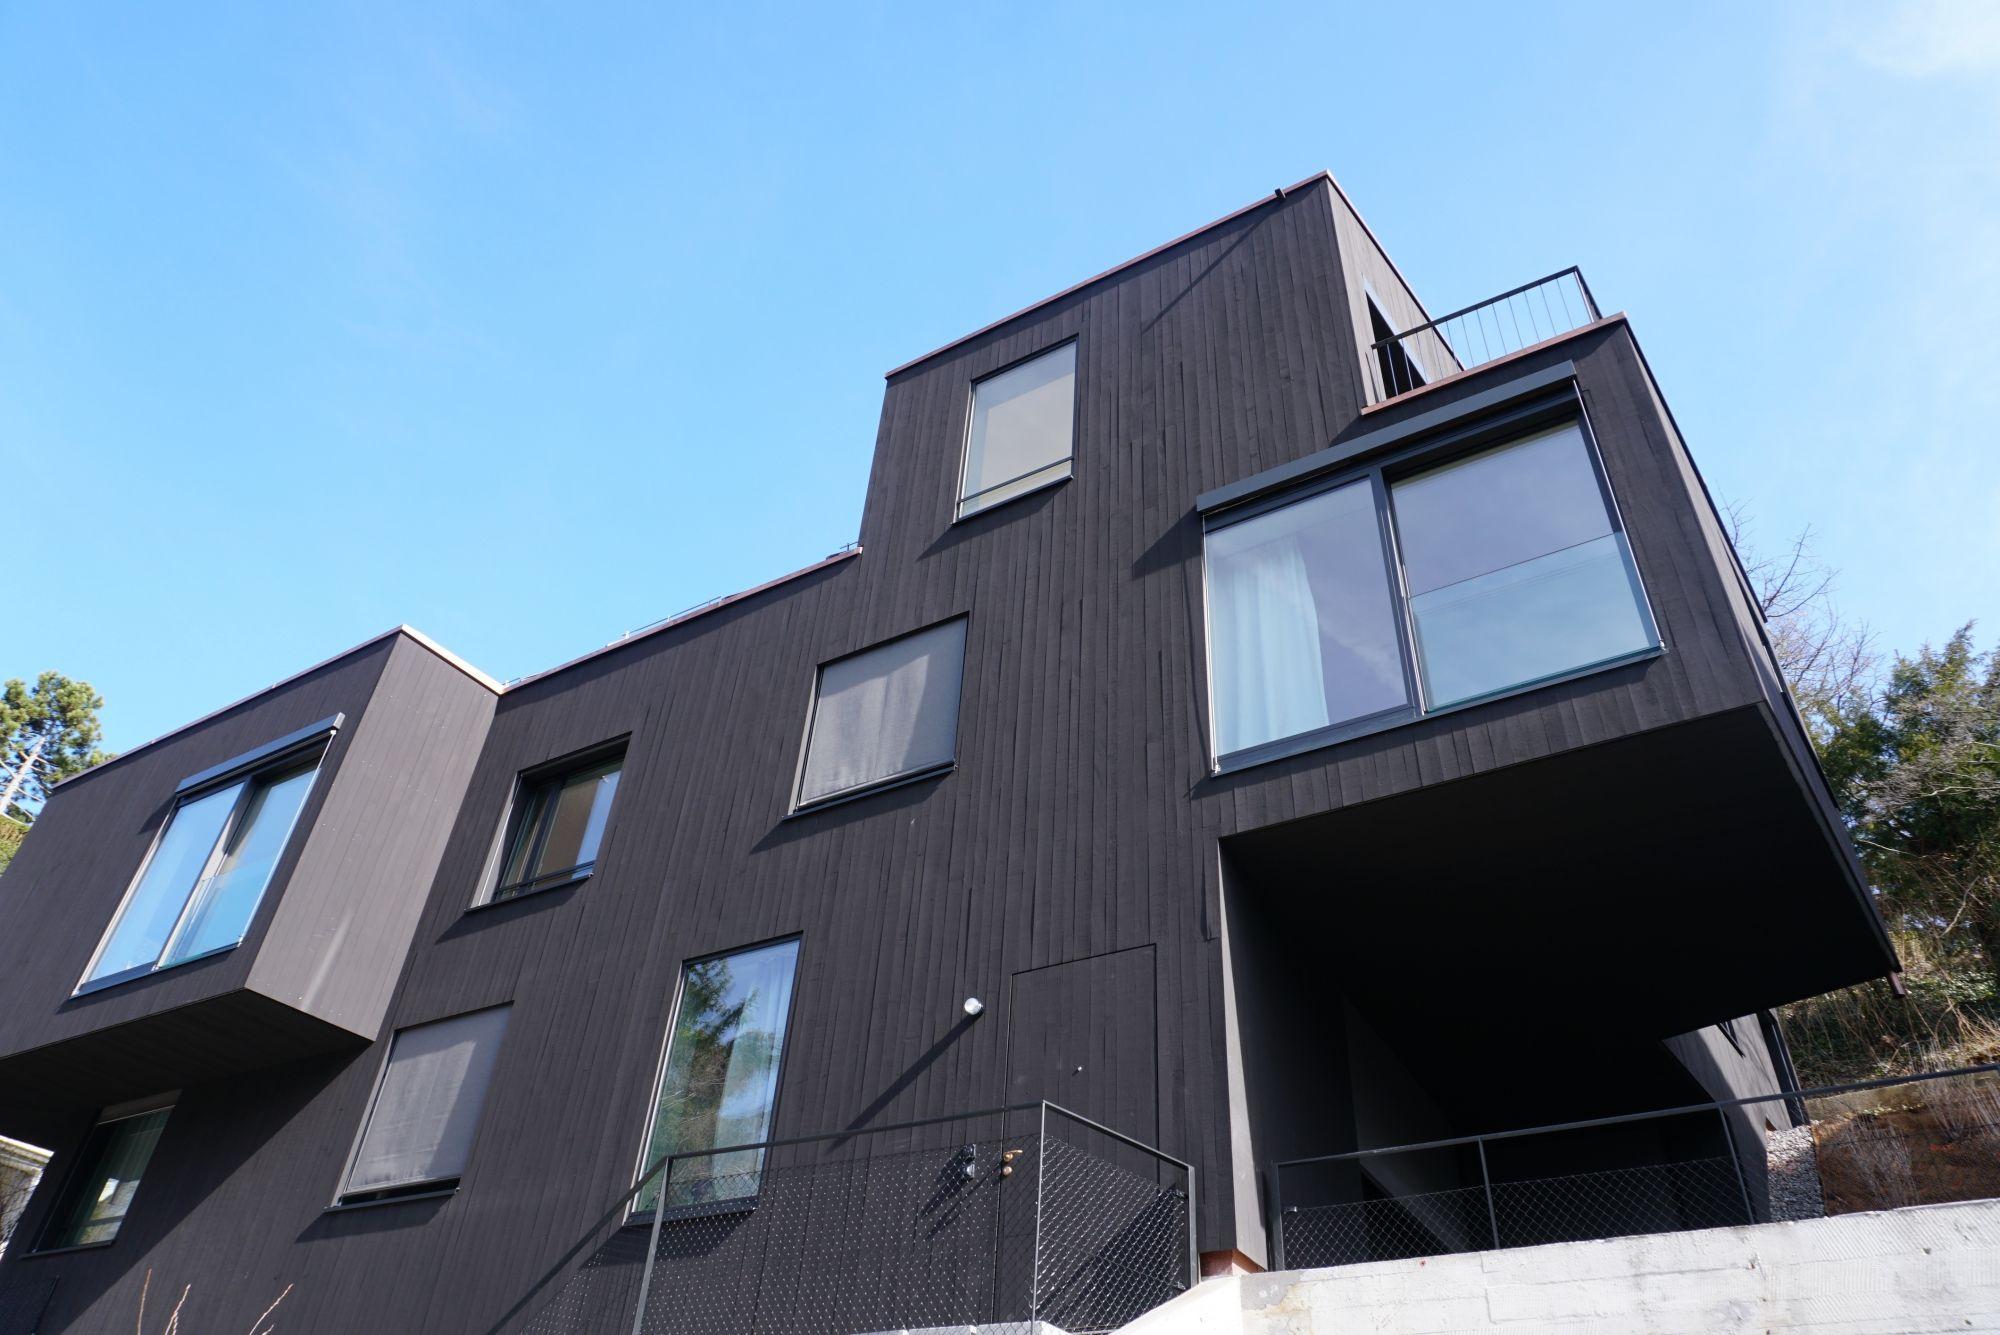 Fassade Mit Erker Und Schalung Aus Holz Mit Schwarzer Schlammfarbe